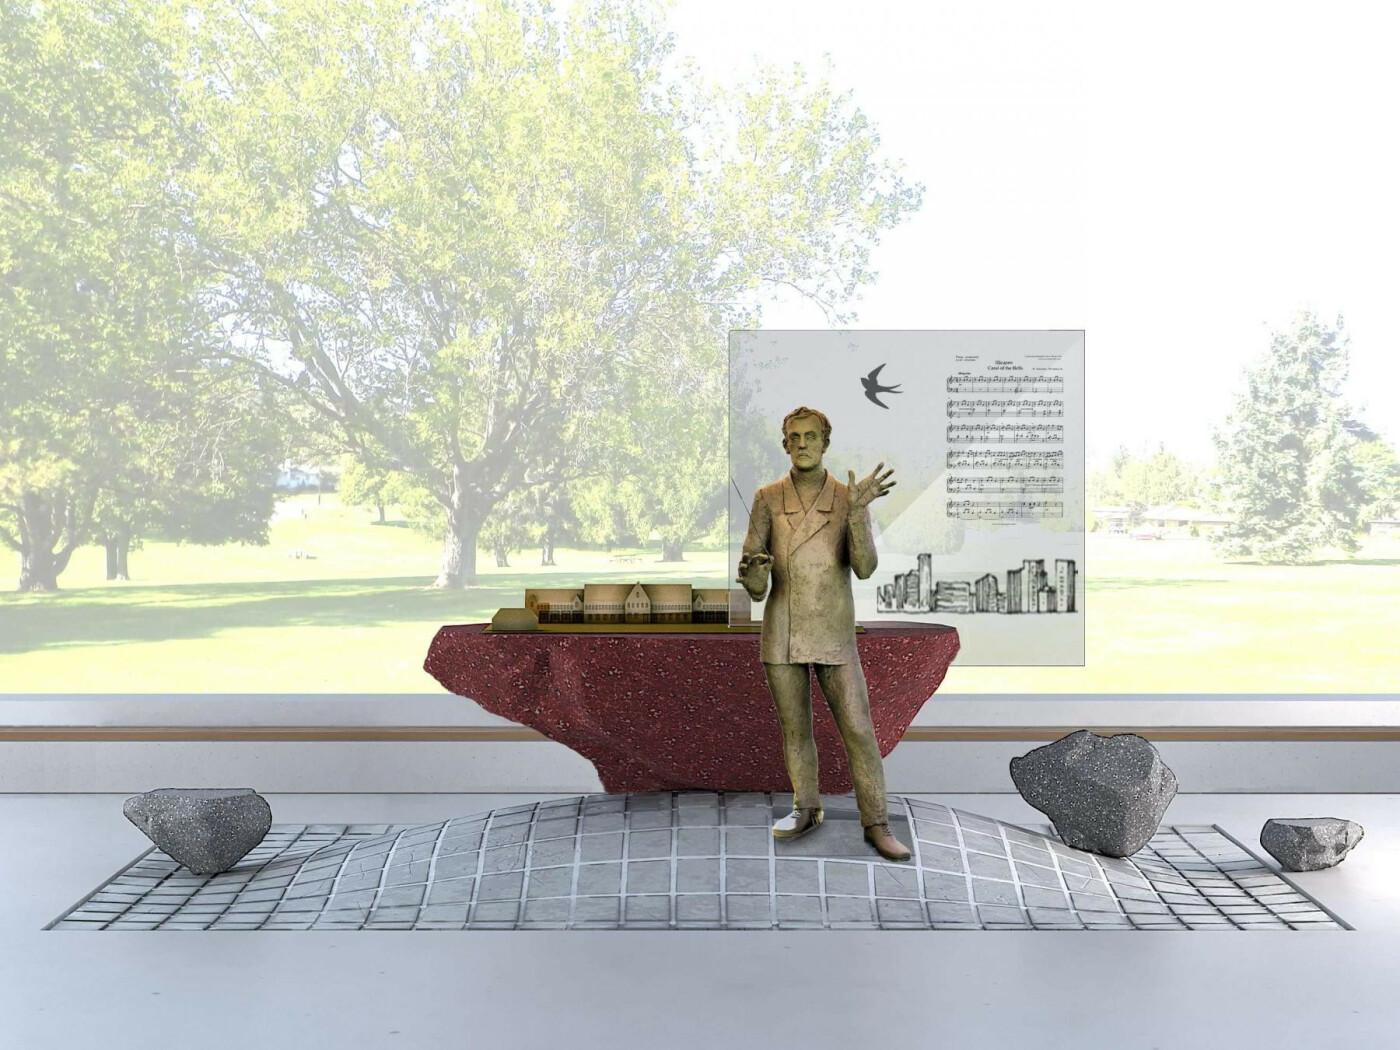 В Покровске устанавливают памятник композитору Николаю Леонтовичу, фото-10